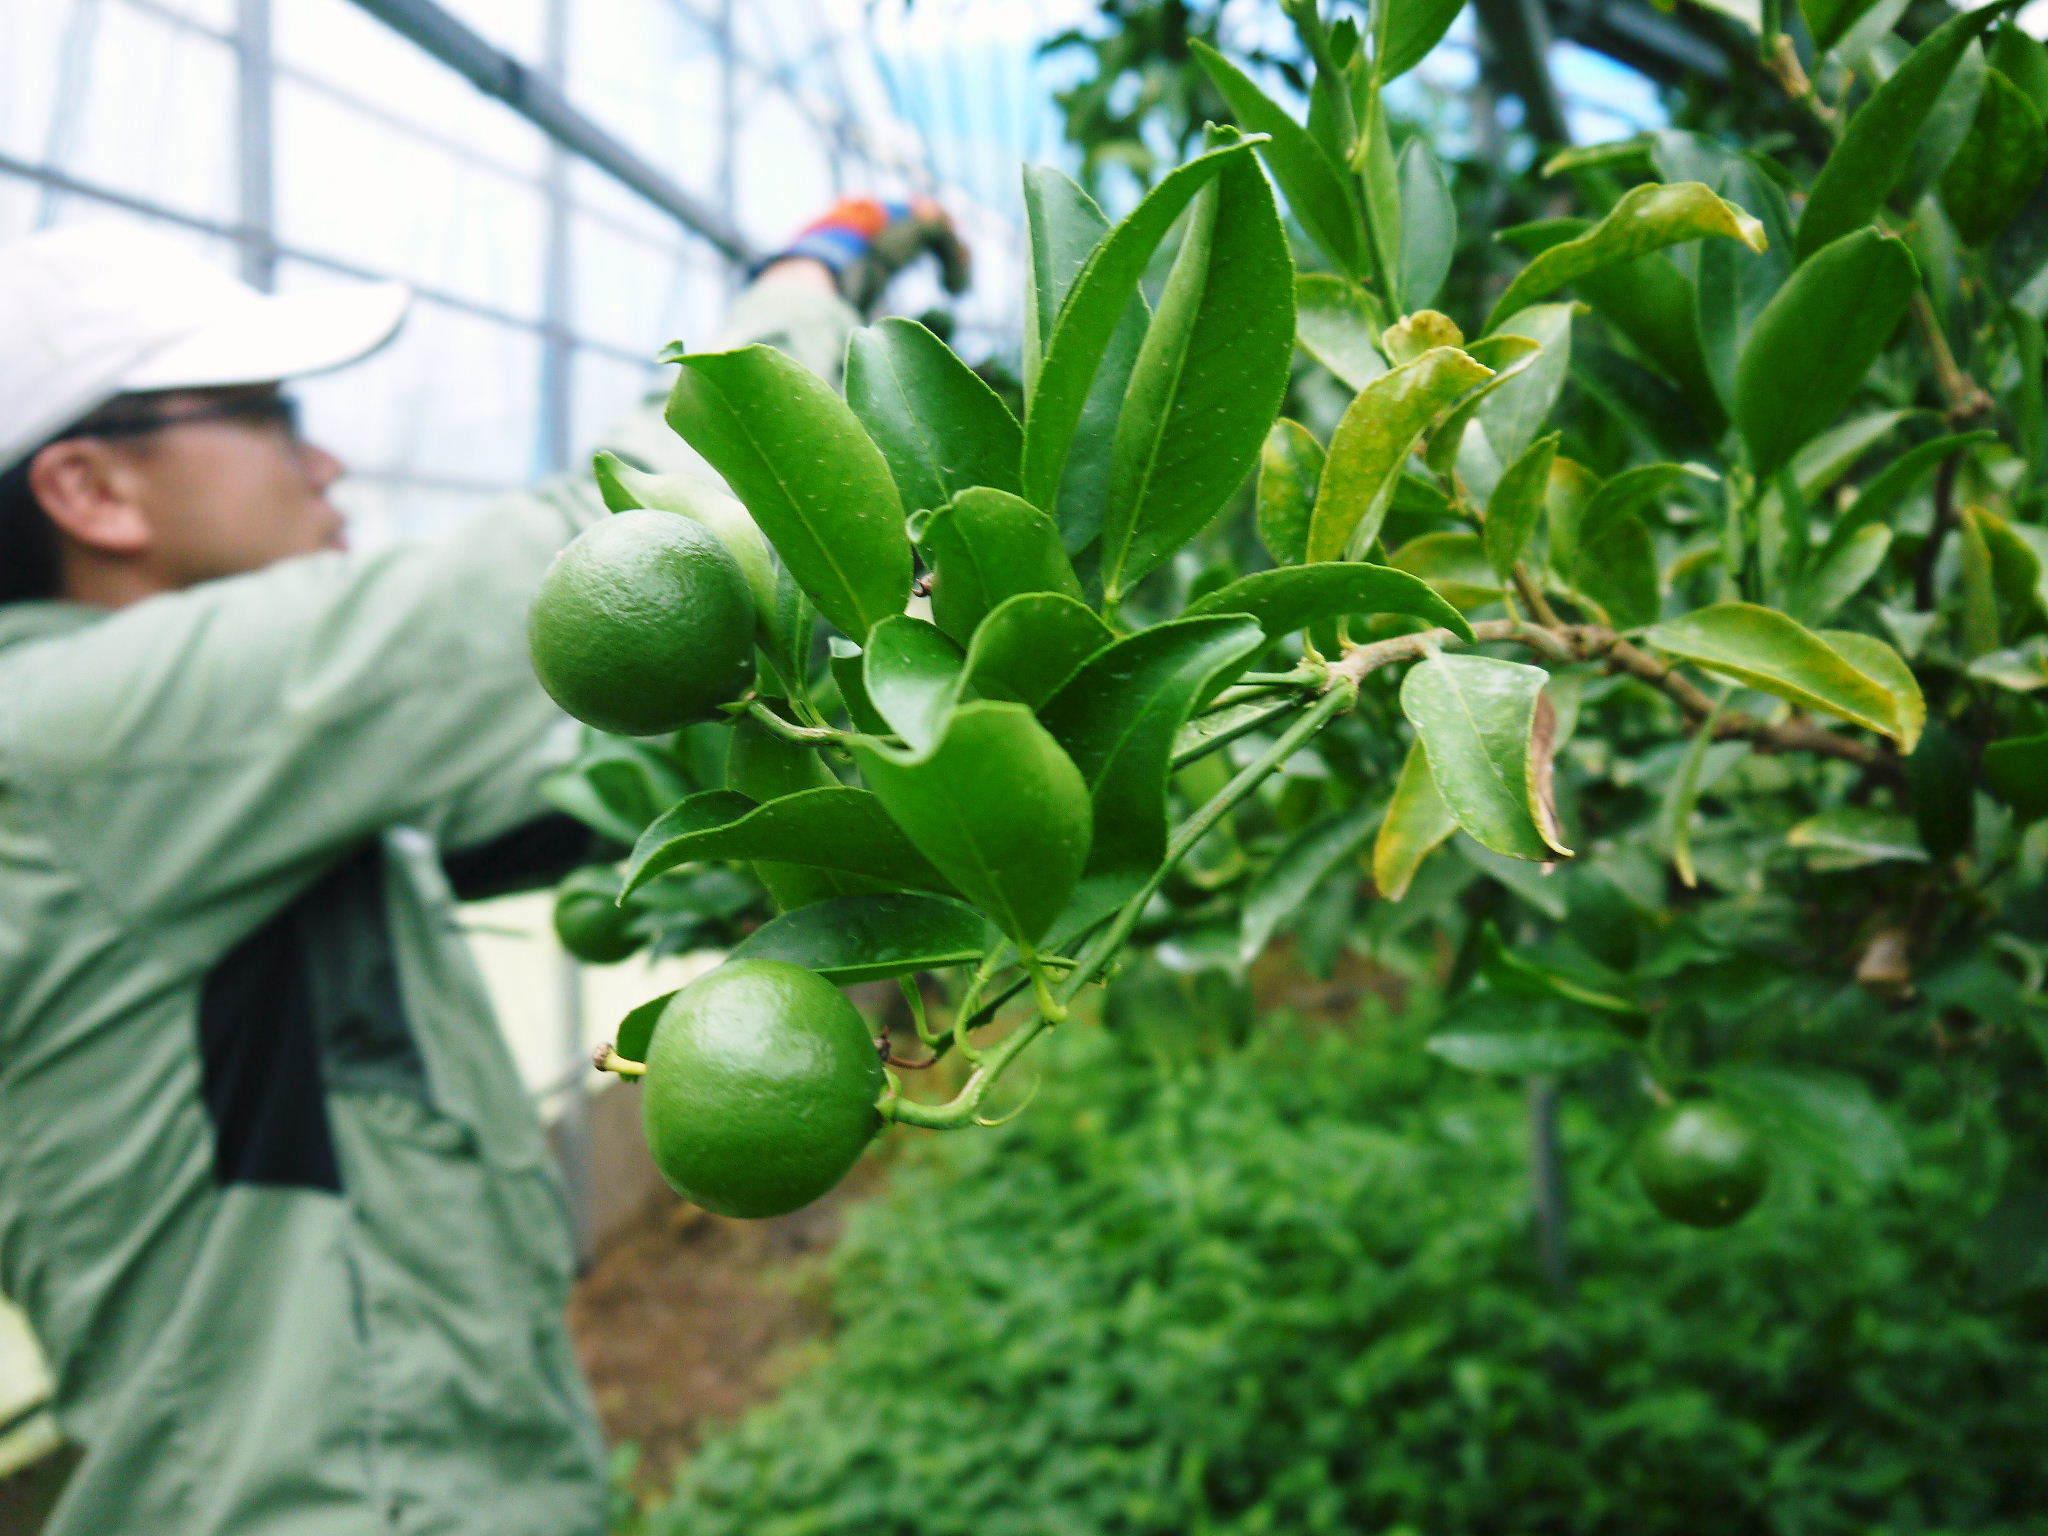 究極の柑橘『せとか』 美味しくて甘く、大きな果実を作り上げるための匠の摘果作業(2021)_a0254656_17512378.jpg